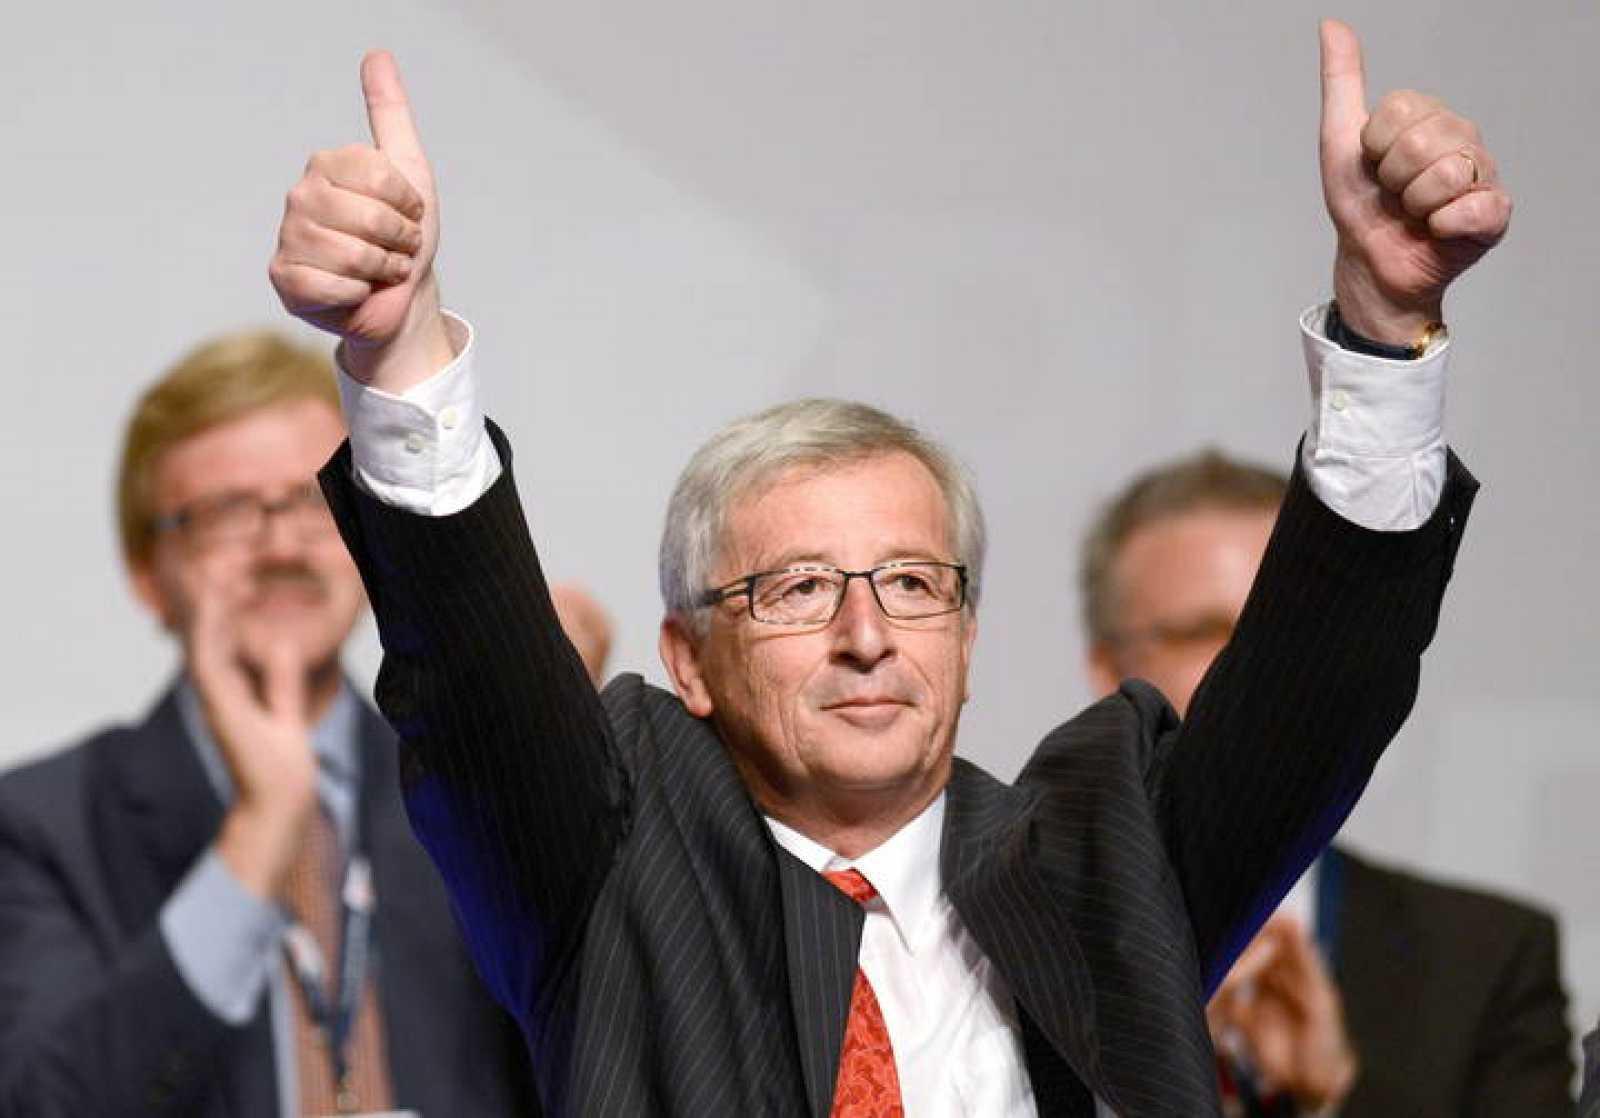 El luxemburgués Jean-Claude Juncker eleva los pulgares en un discurso en una convención de la CDU alemana.